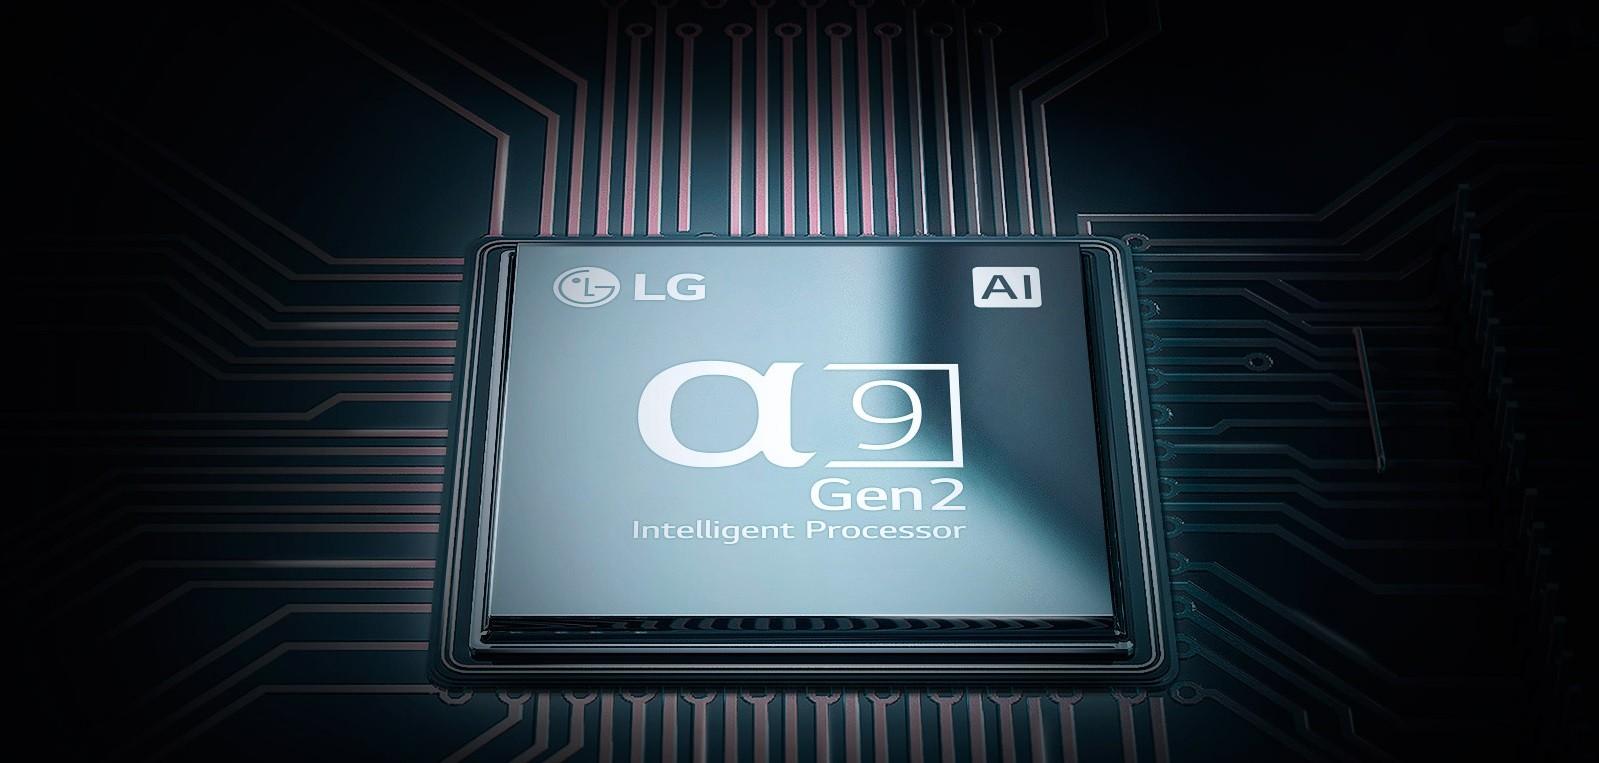 Procesorul televizoarelor LG Alpha9 Gen2